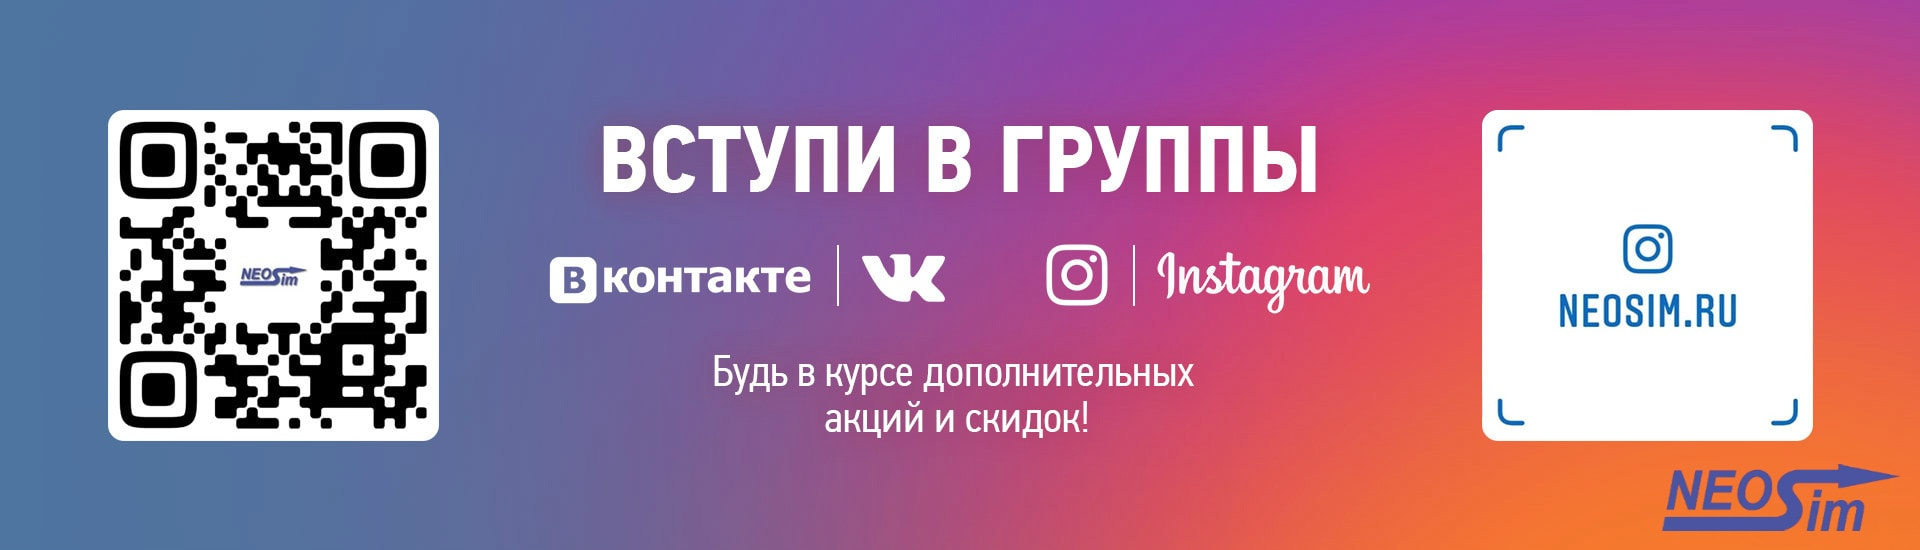 Официальные группы VK.com и Instagramm сайта NeoSim.ru